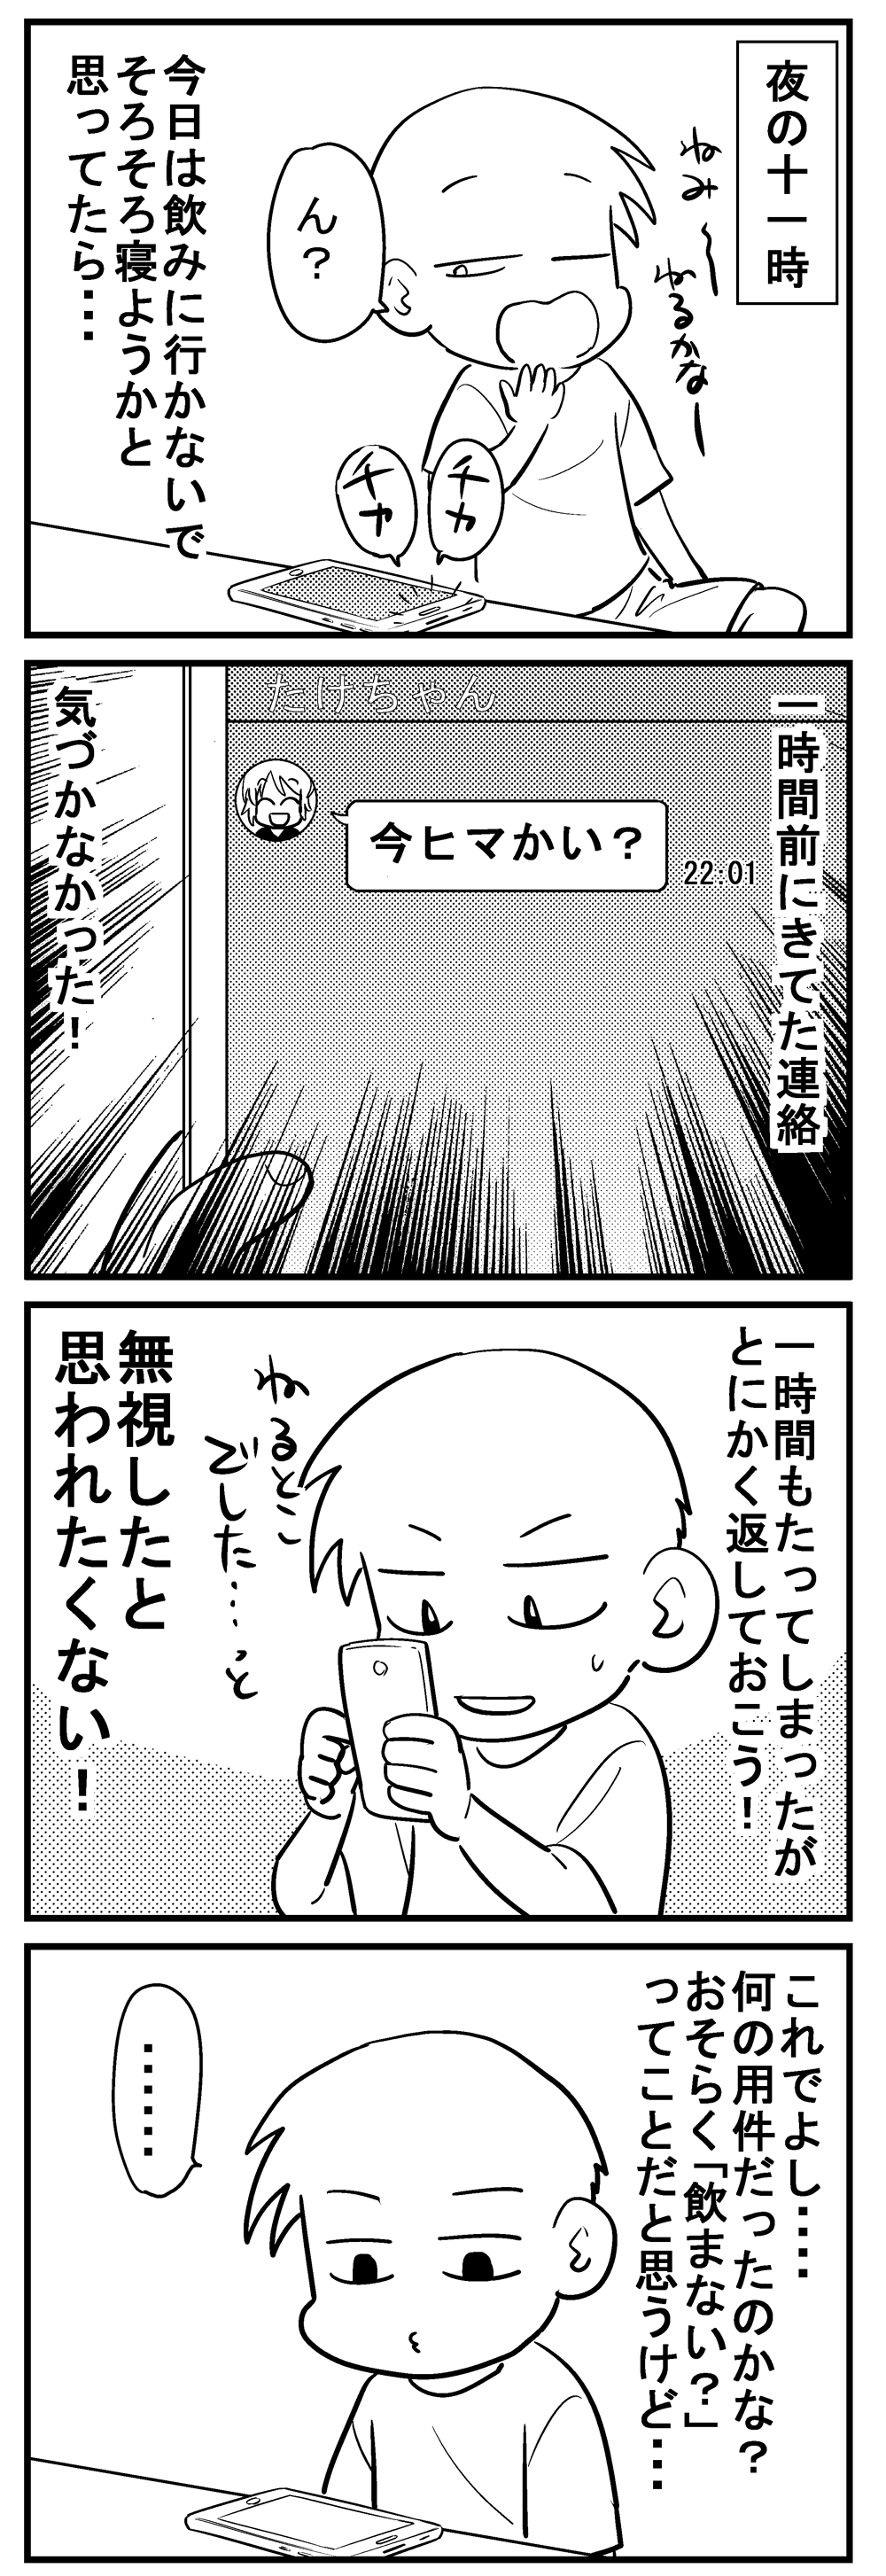 深読みくん93 1